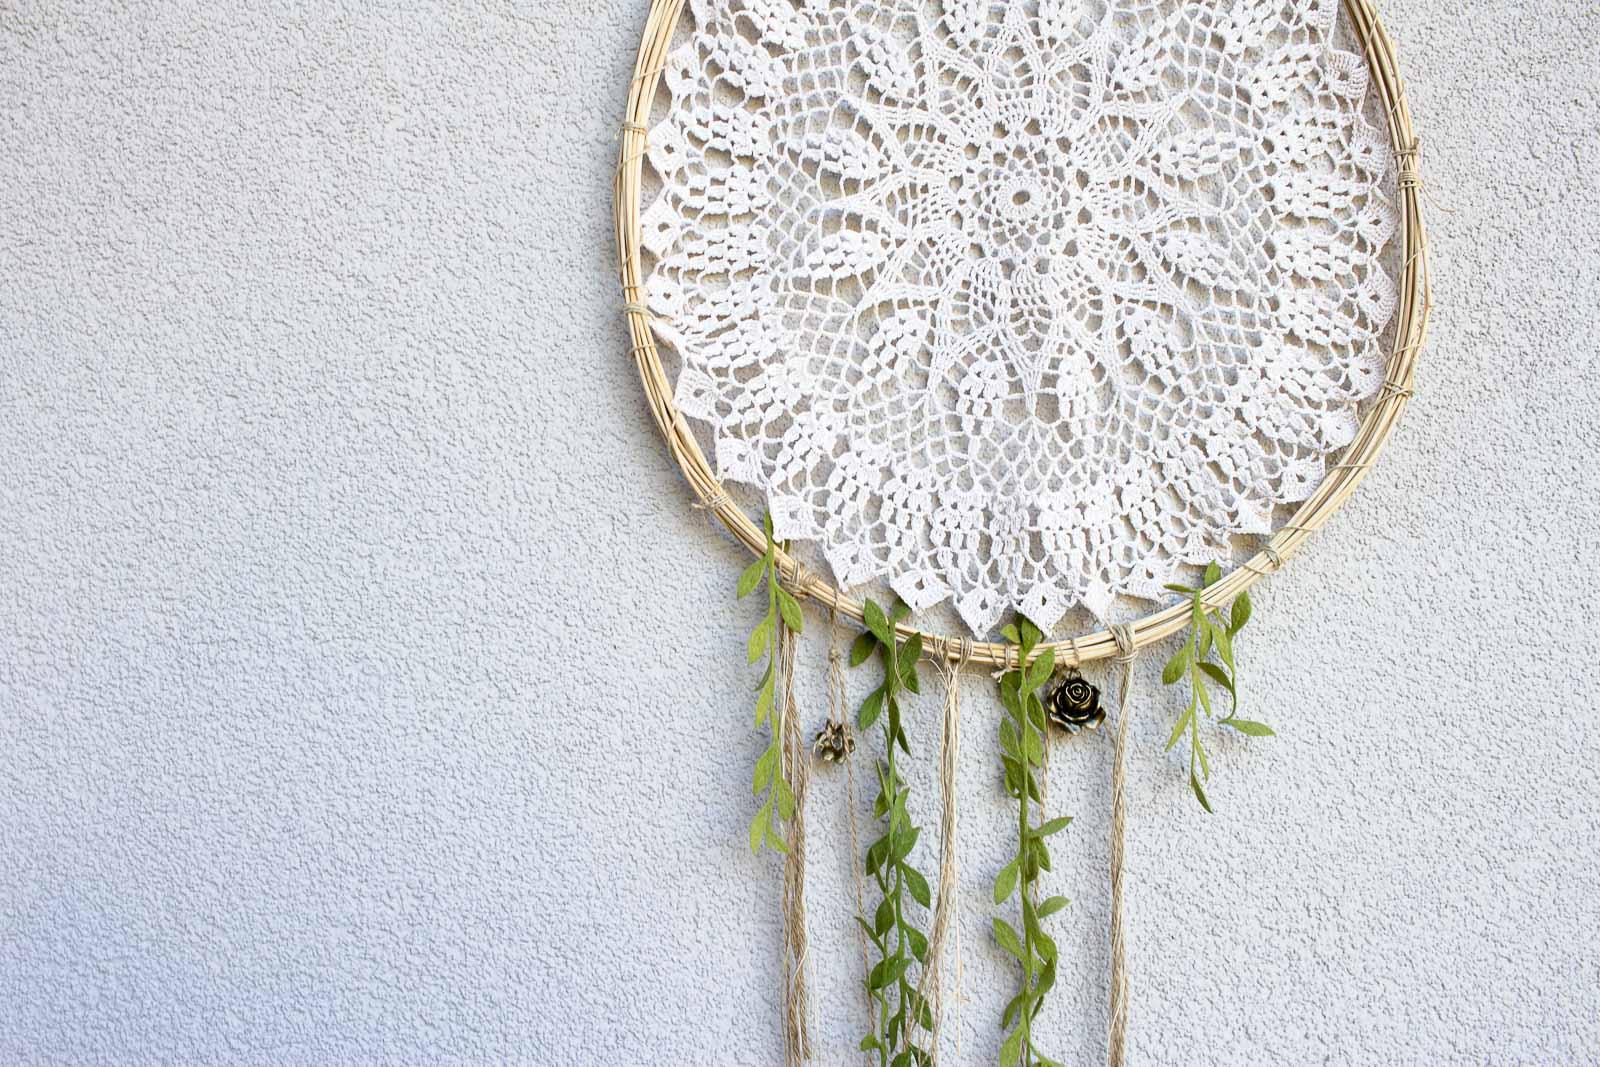 DIY Wanddeko für Balkon | Deko für den Garten im Frühling oder Sommer | Boho Dekoration selber machen | Upcycling Ideen für Häkeldeckchen | Basteln mit Peddigrohr für den Garten